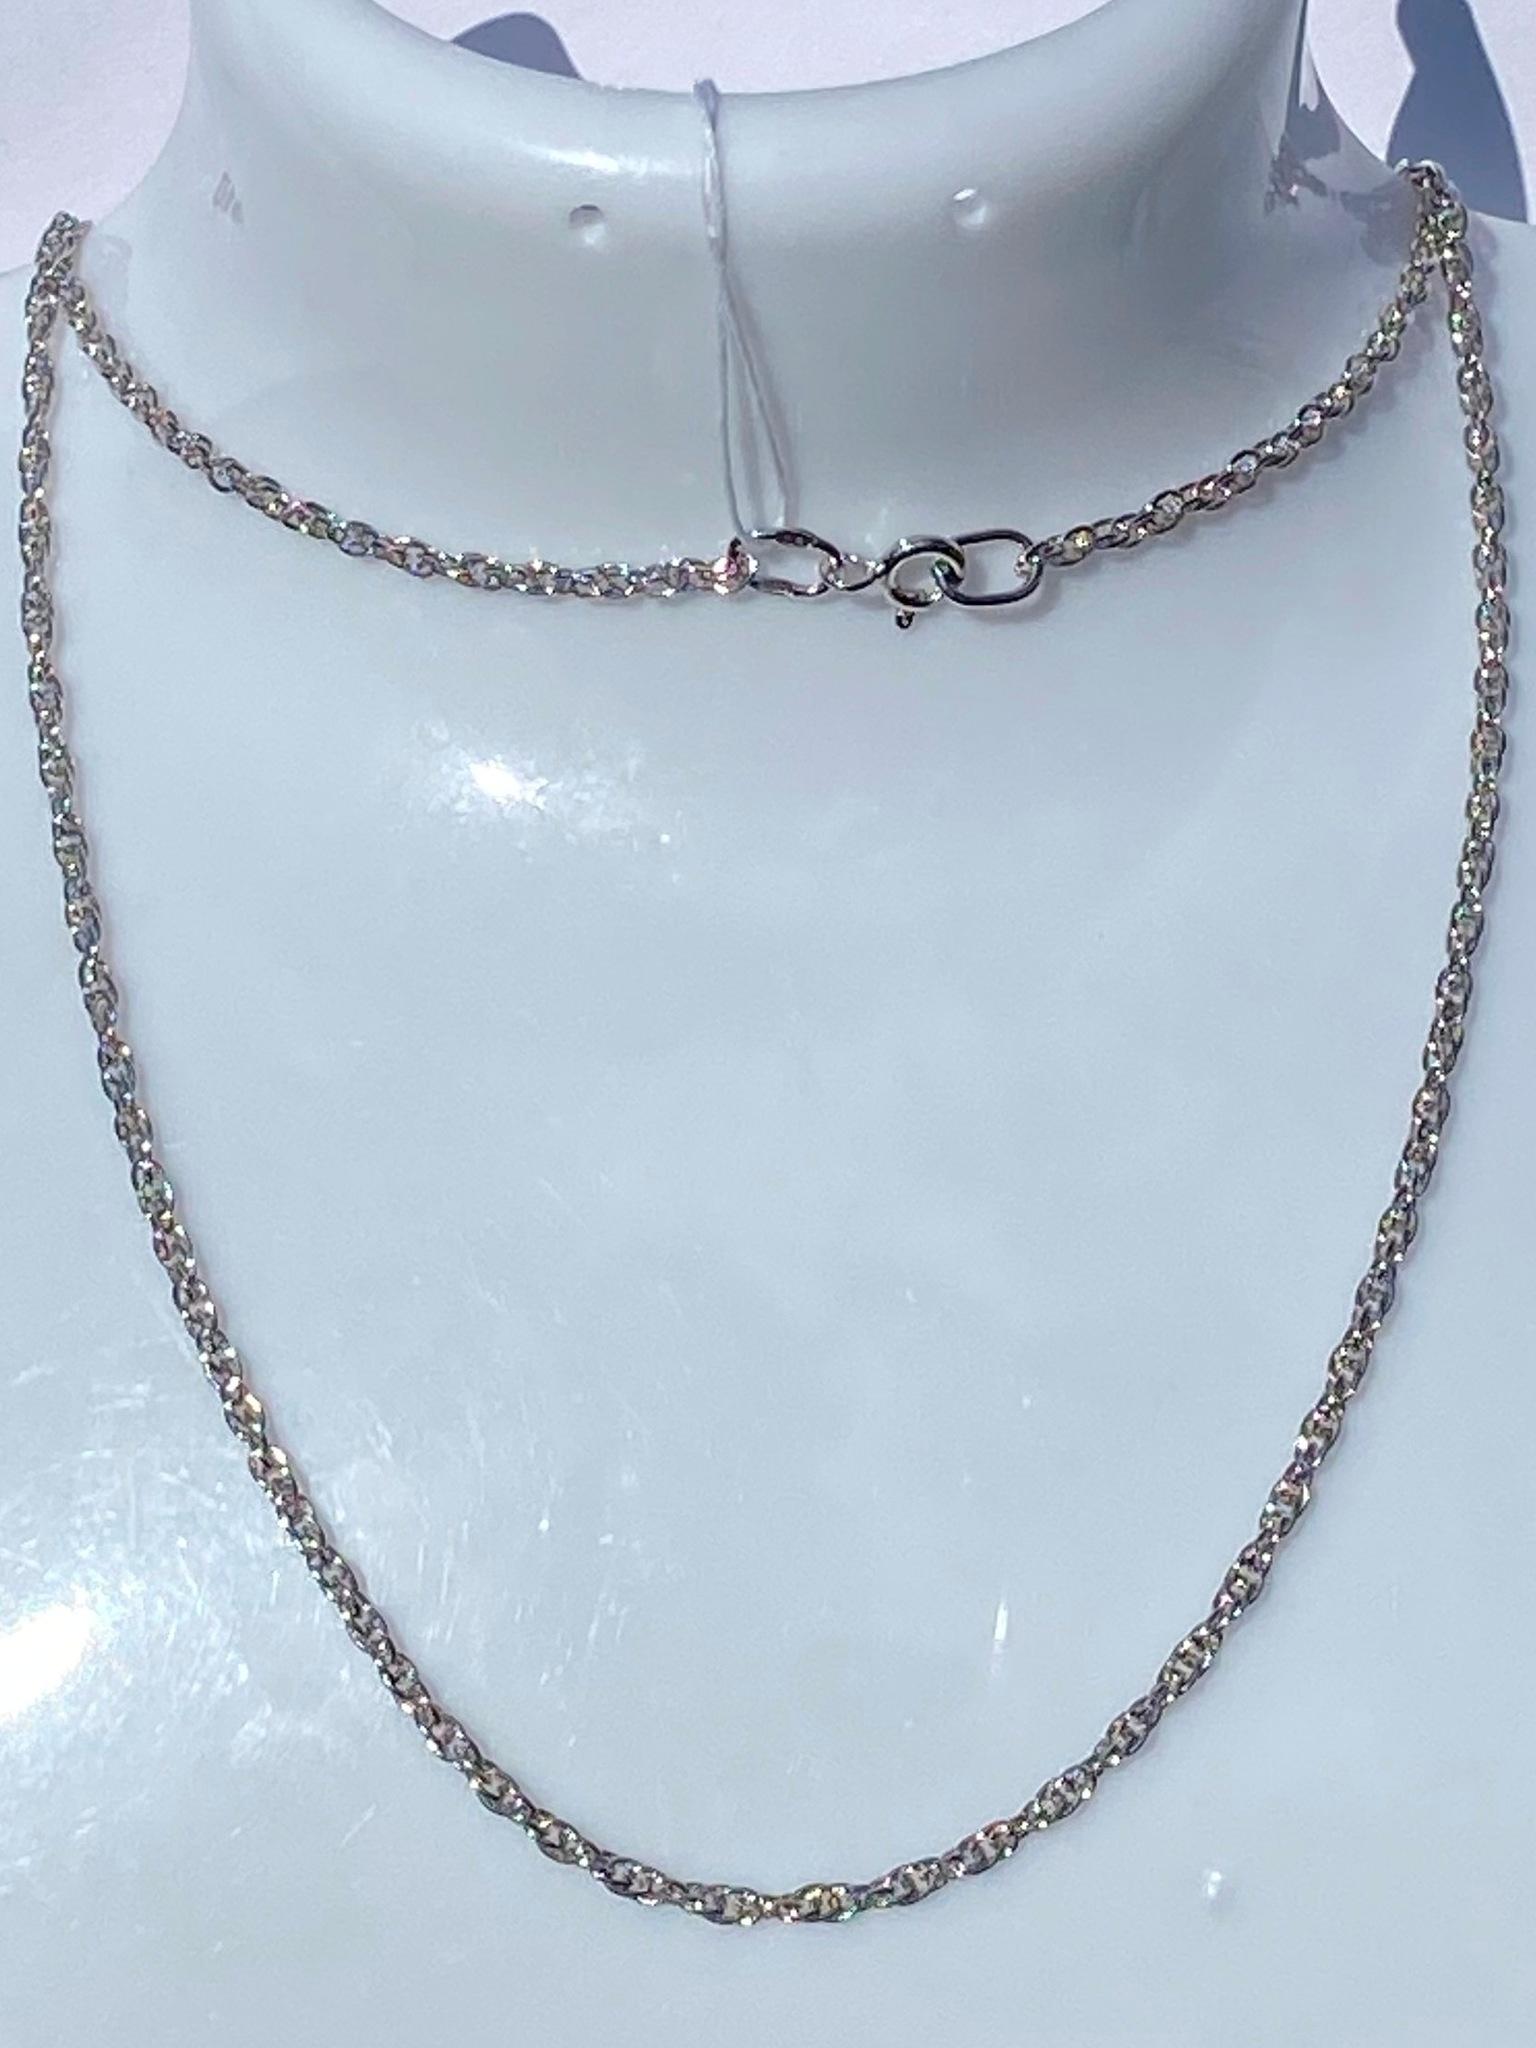 Кордовая 0,15 (серебряная цепочка)